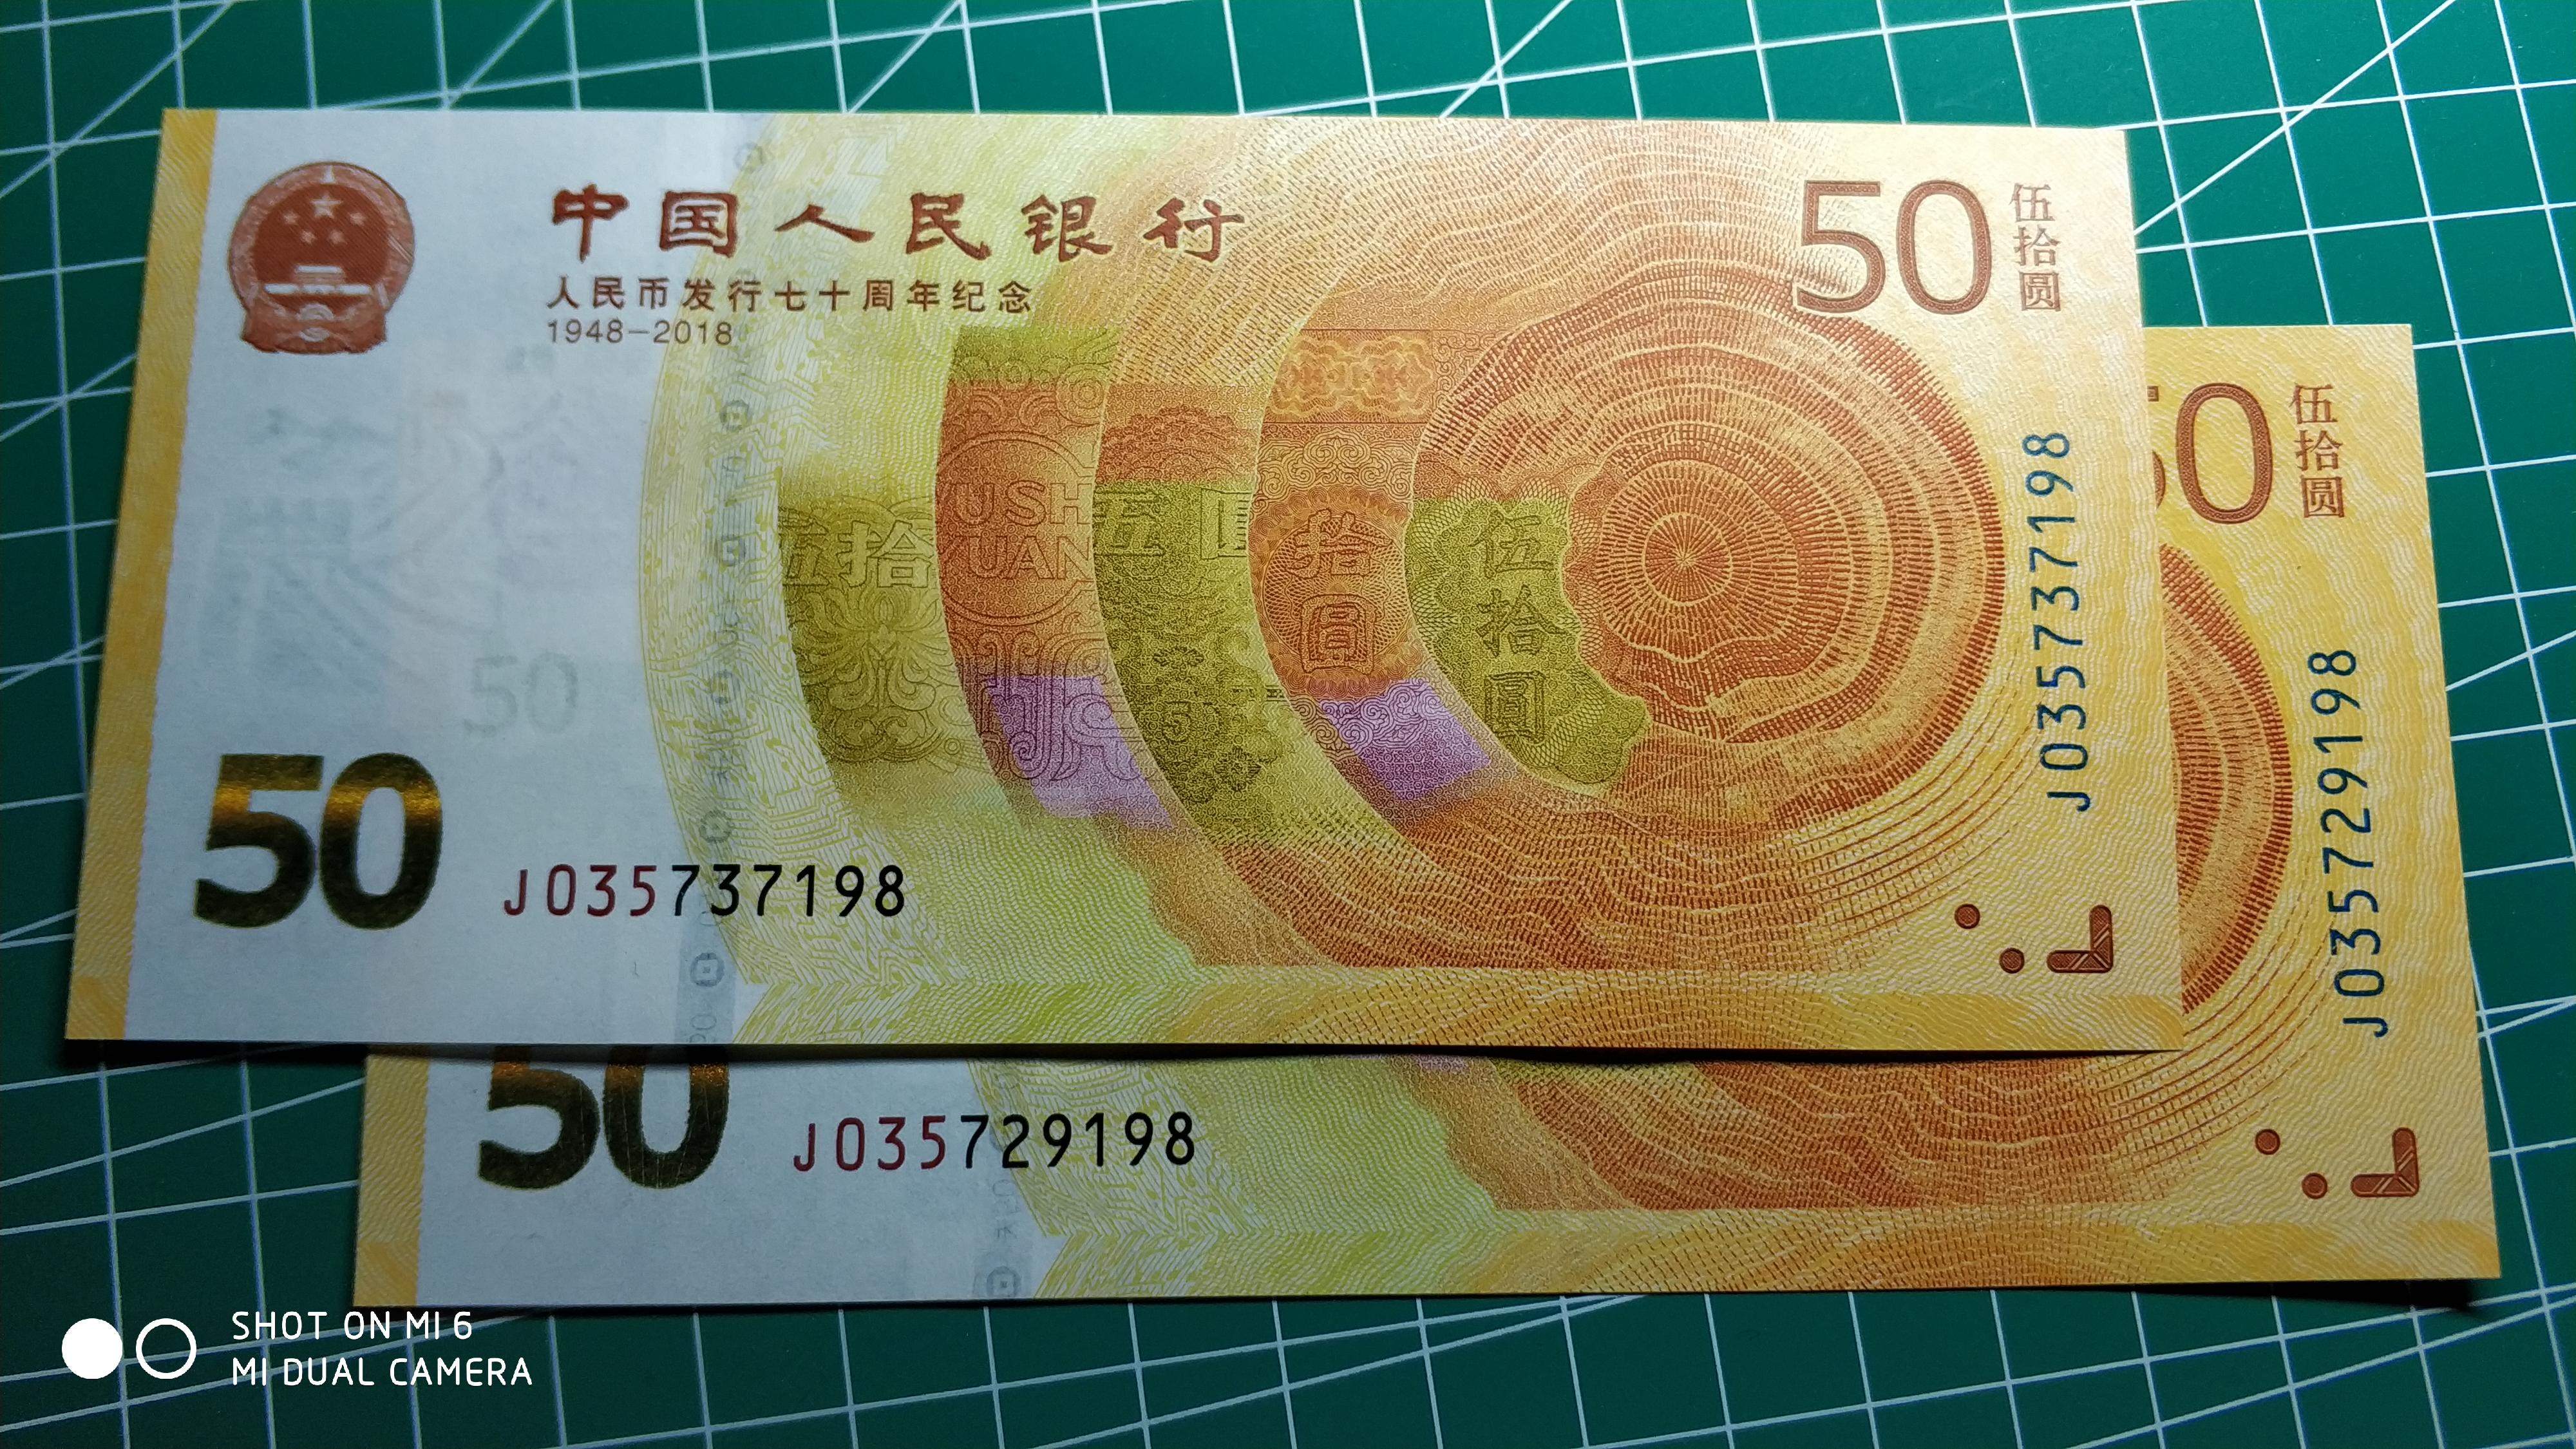 人民币发行70周年纪念钞!70